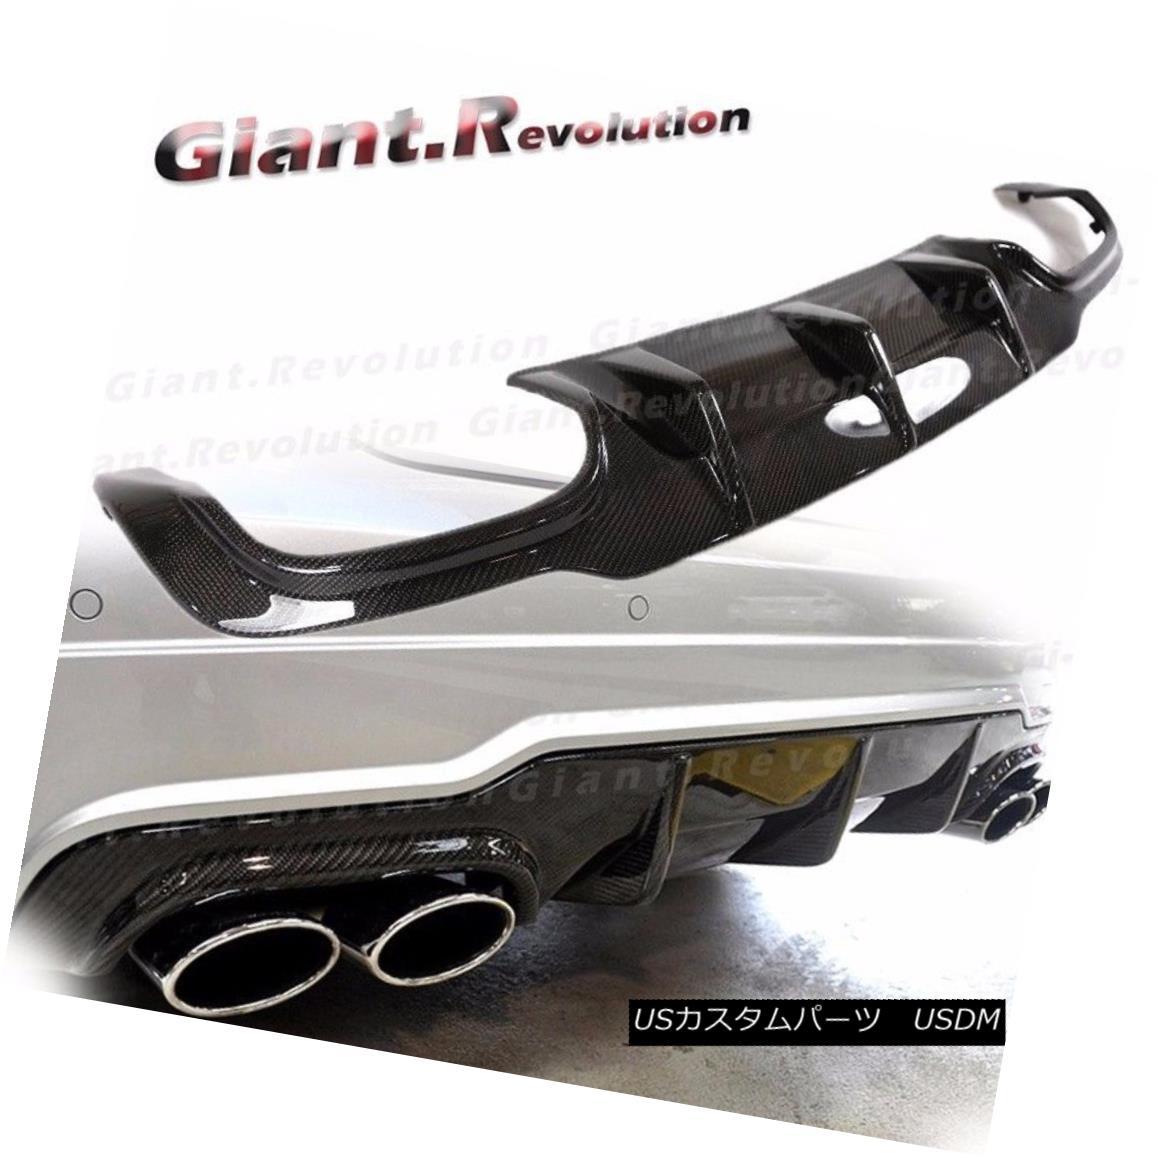 エアロパーツ Carbon Fiber Rear Diffuser For 12-14 BENZ W204 C-Class C63 C300 Sedan AMG Bumper カーボンファイバリアディフューザー12-14ベンツW204 CクラスC63 C300セダンAMGバンパー